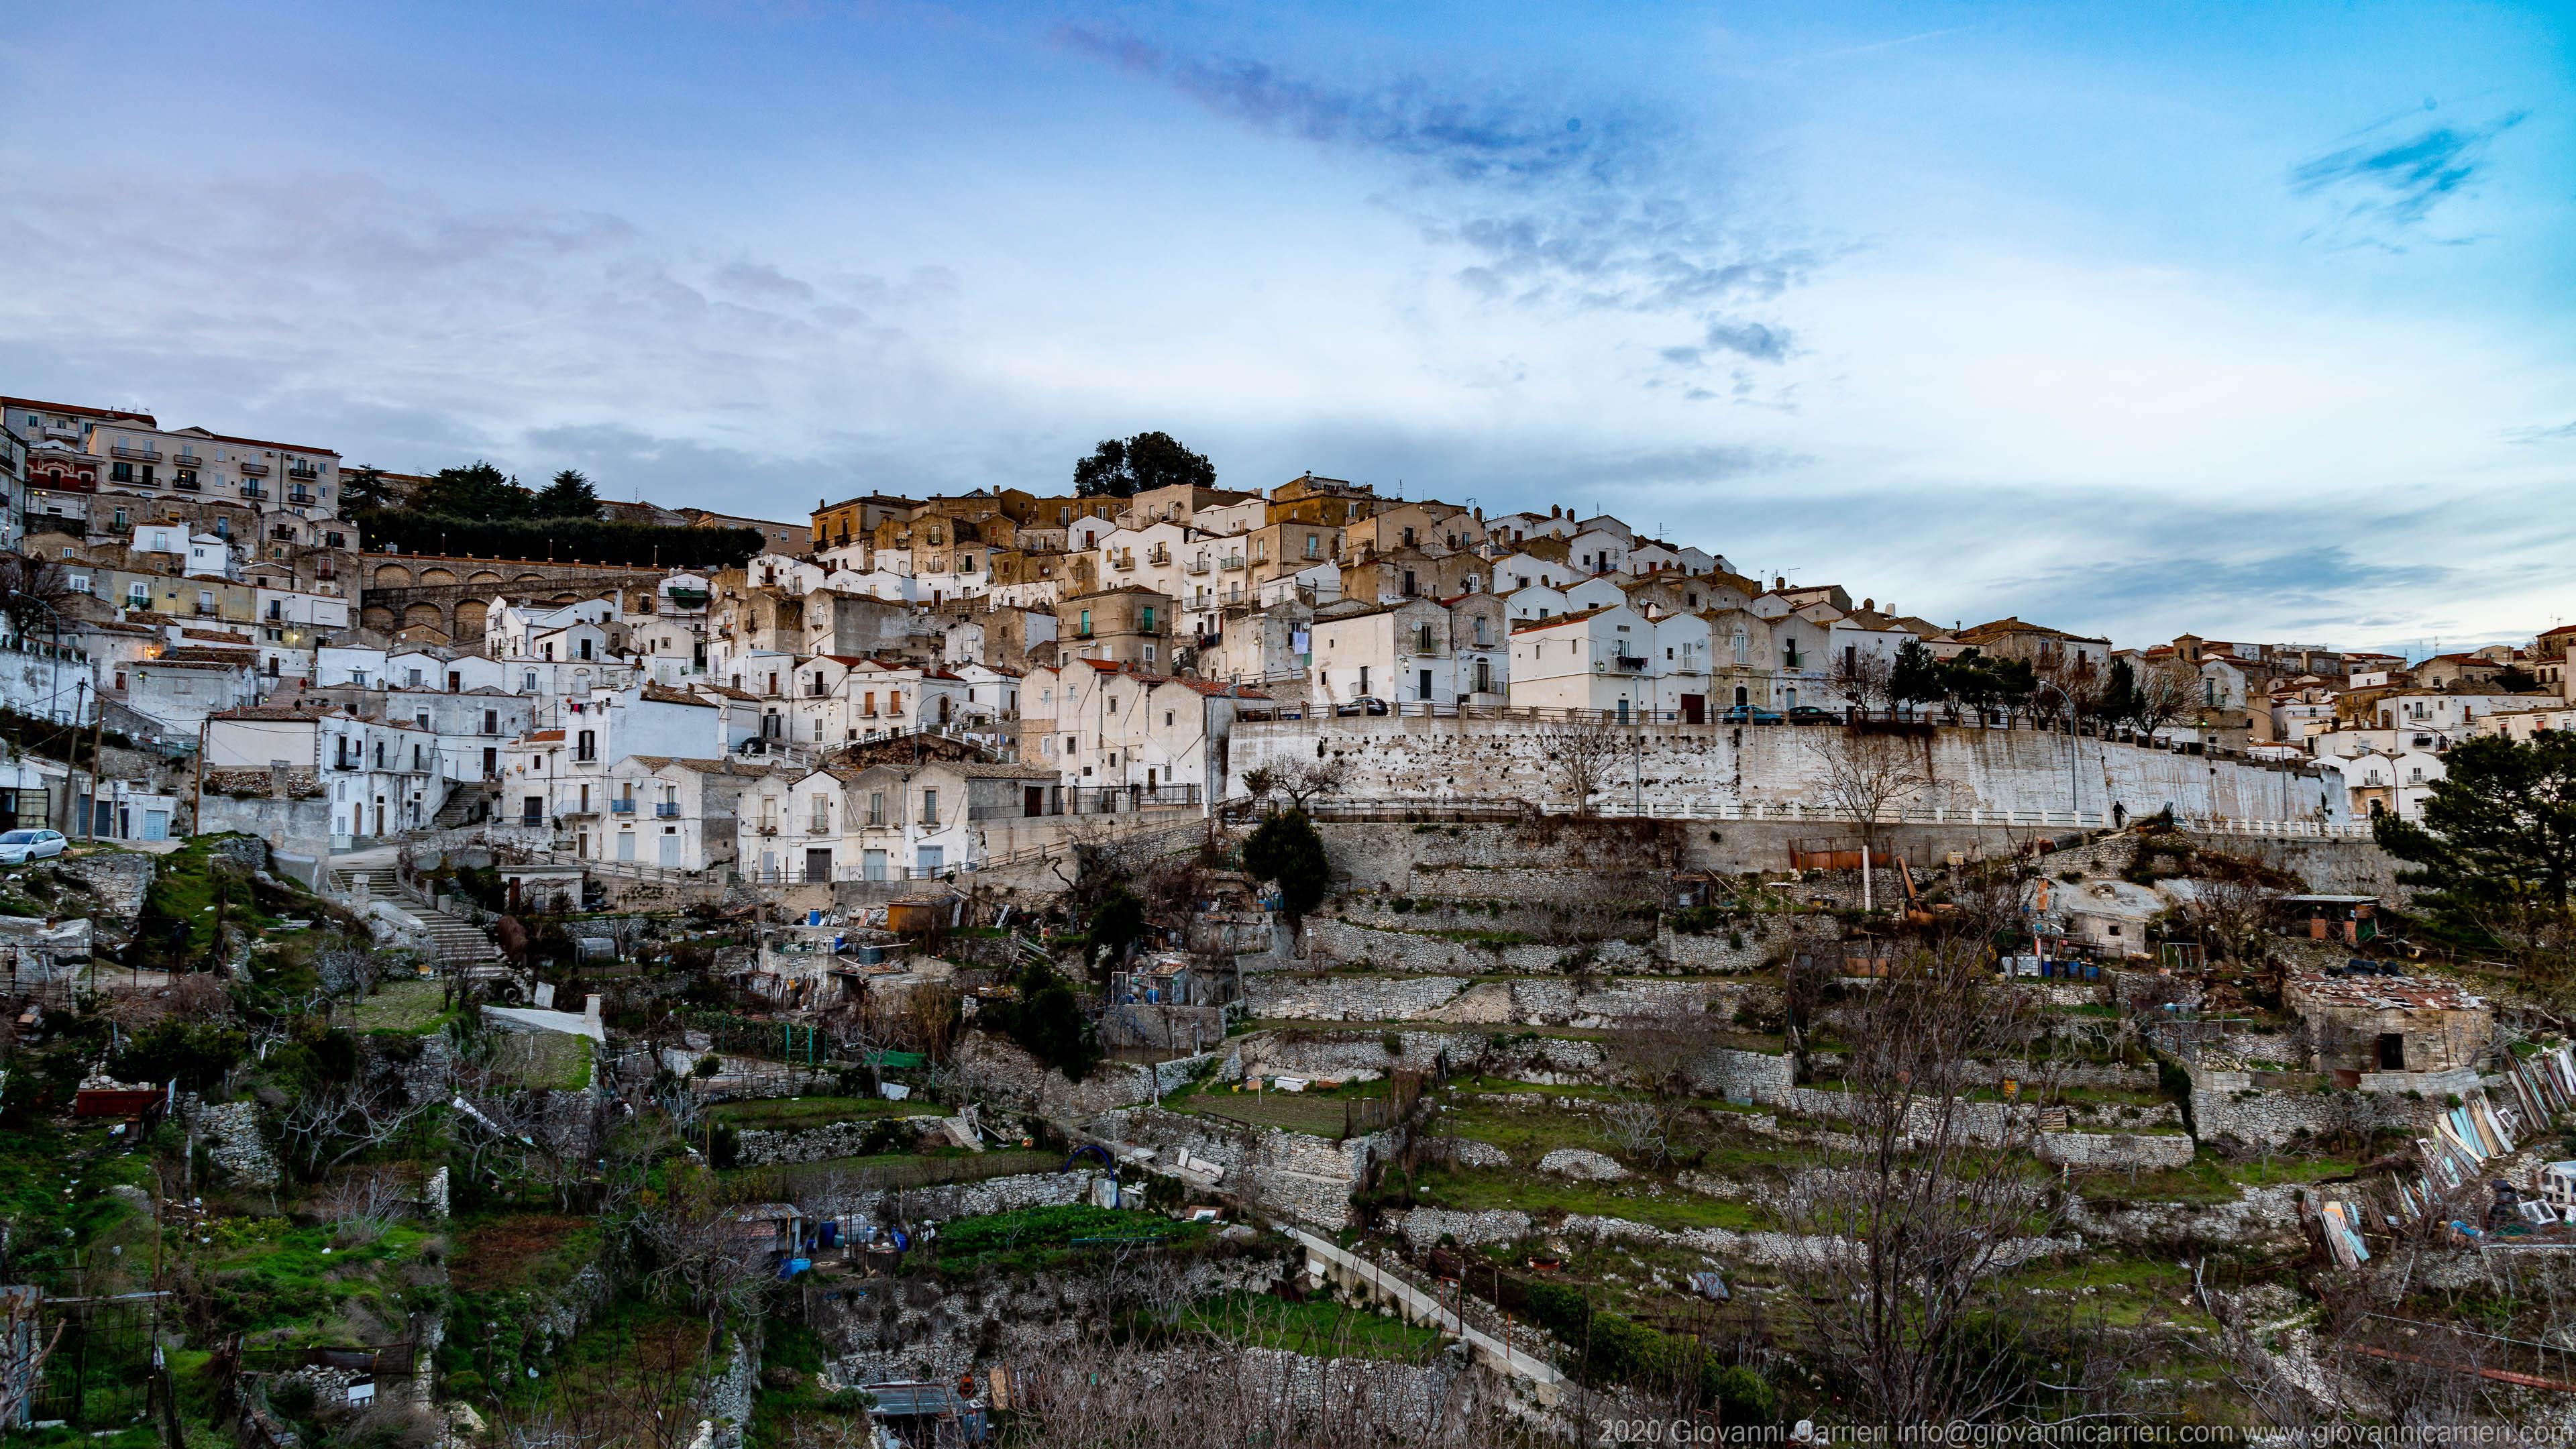 Panoramica di Monte Sant'Angelo, visto da sud